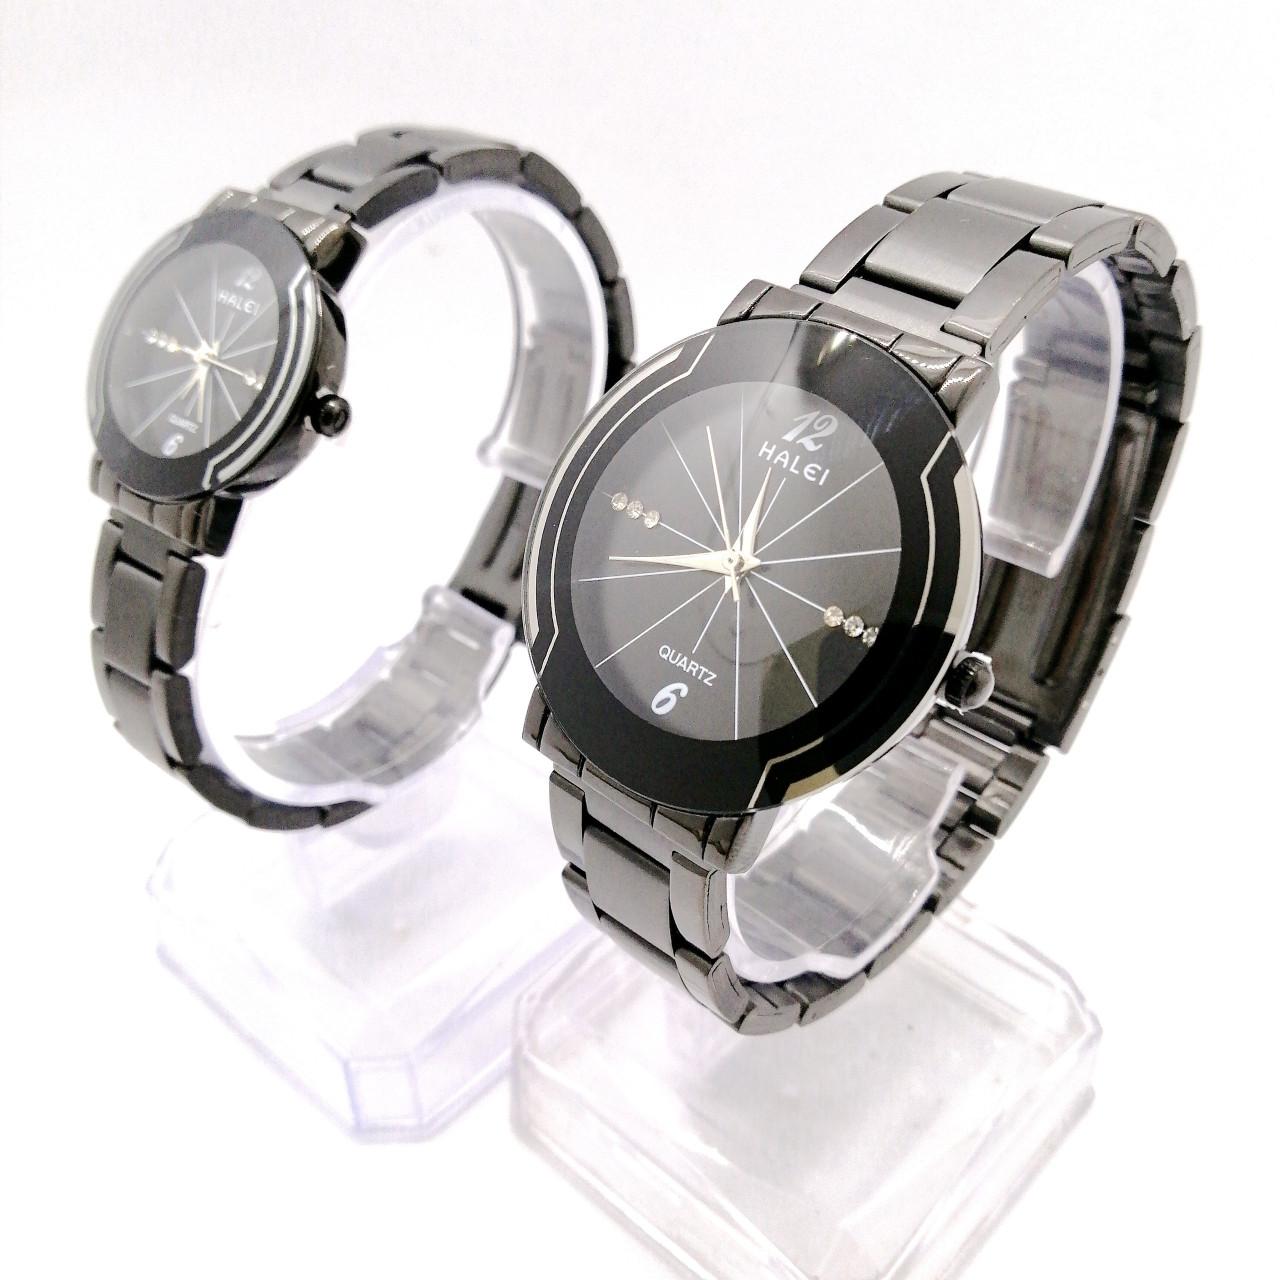 Cặp đồng hồ Nam Nữ Halei - HL457 FULL đen